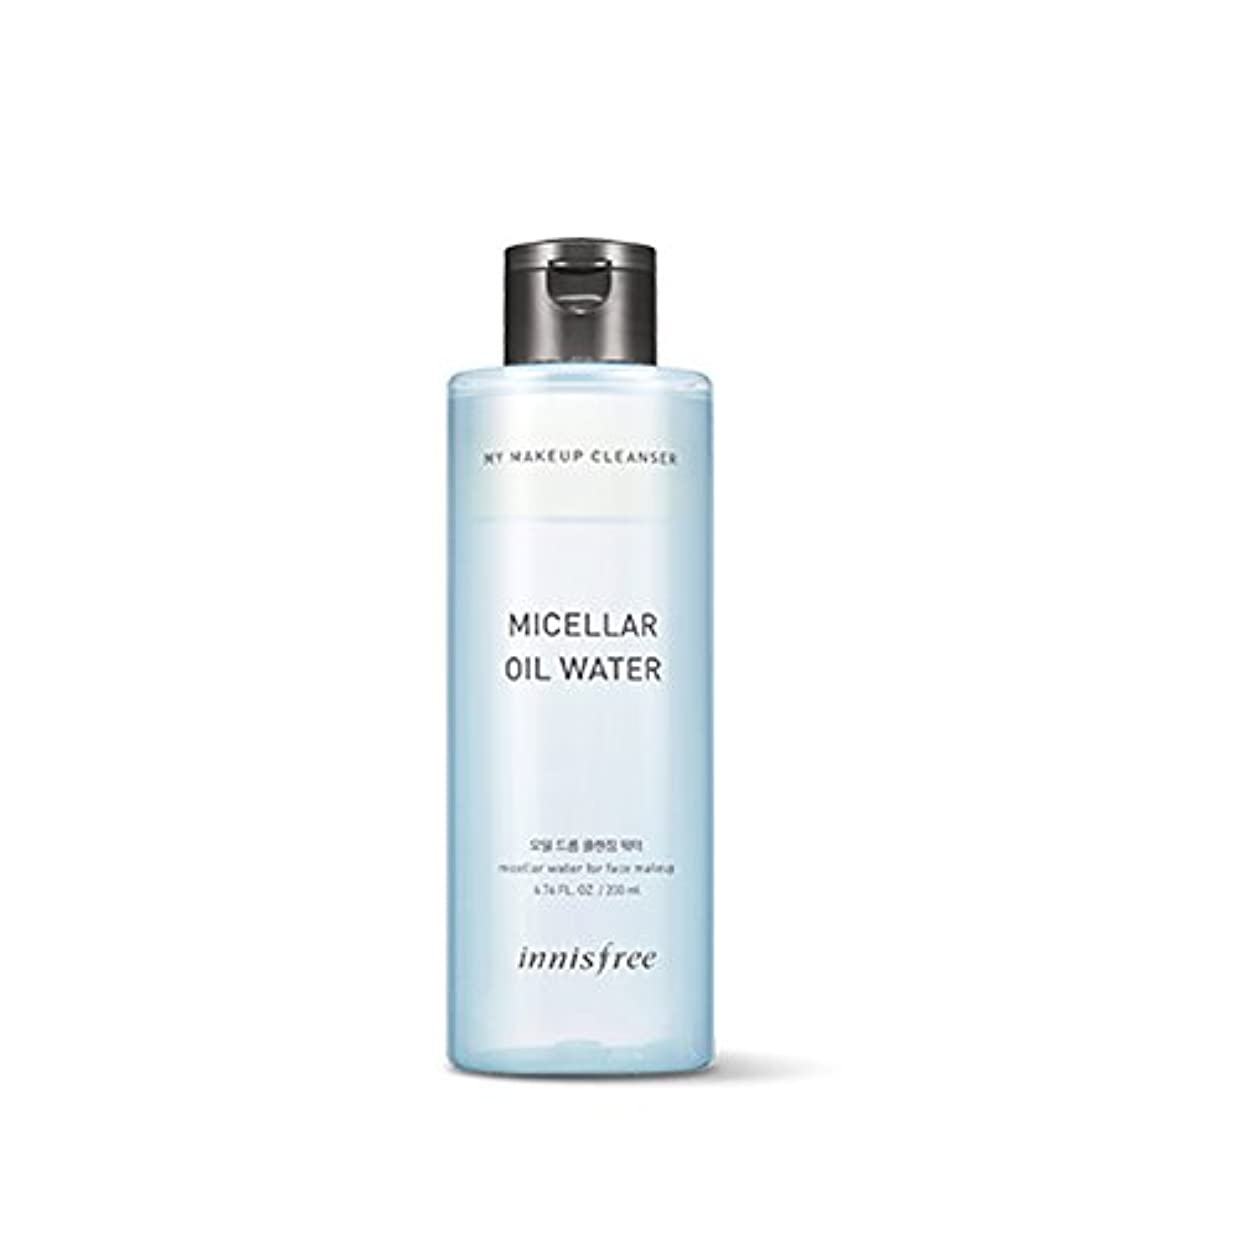 イニスフリーマイメイクアップクレンザー - ミセルラオイルウォーター200ml Innisfree My Makeup Cleanser - Micellar Oil Water 200ml [海外直送品][並行輸入品]